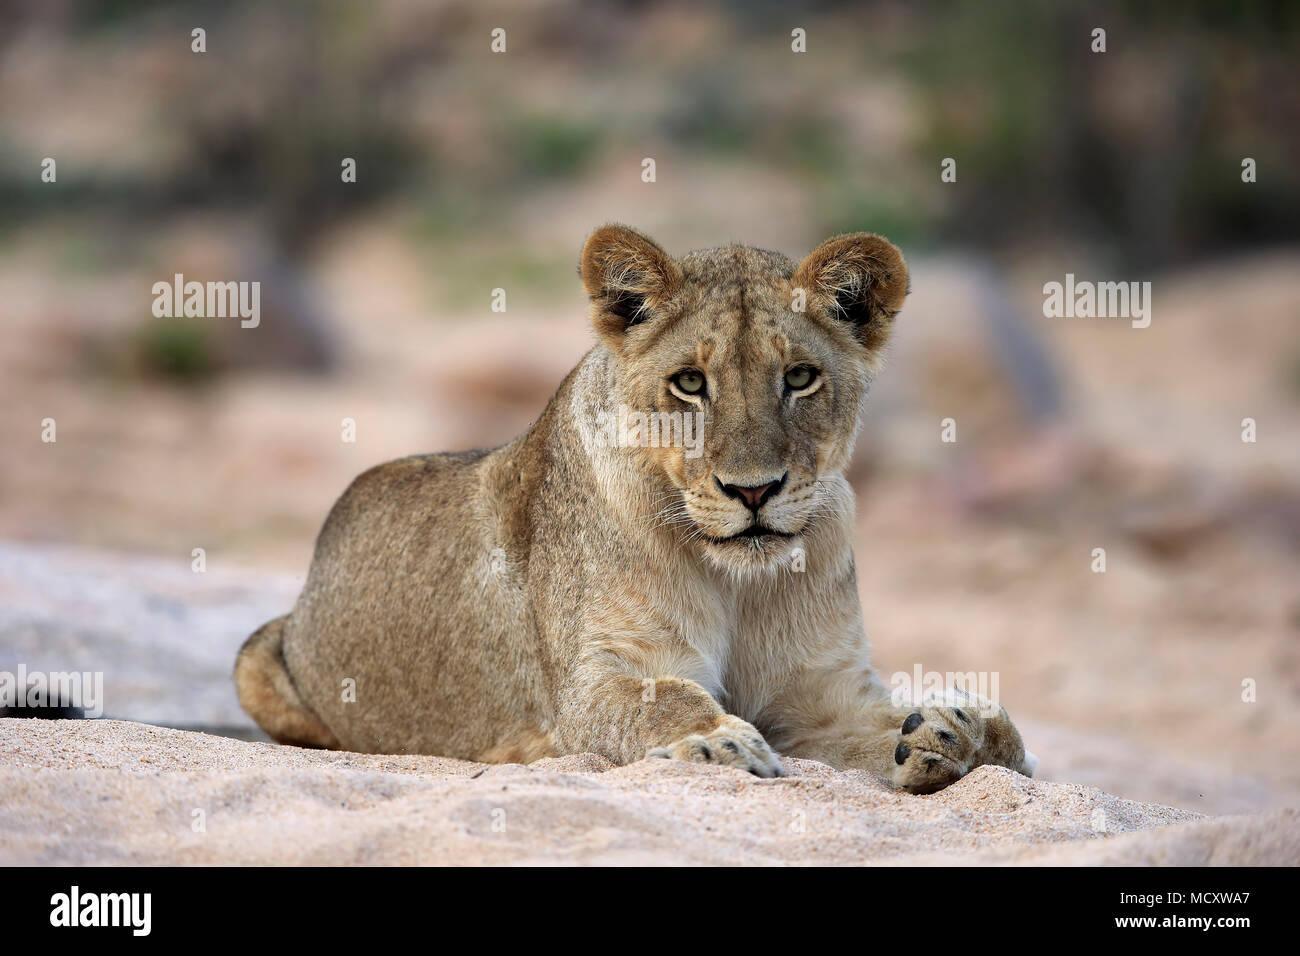 León (Panthera leo), hembra adulta, atento, observando, sentado en el lecho de río seco, Sabi Sand Game Reserve, el Parque Nacional Kruger Imagen De Stock